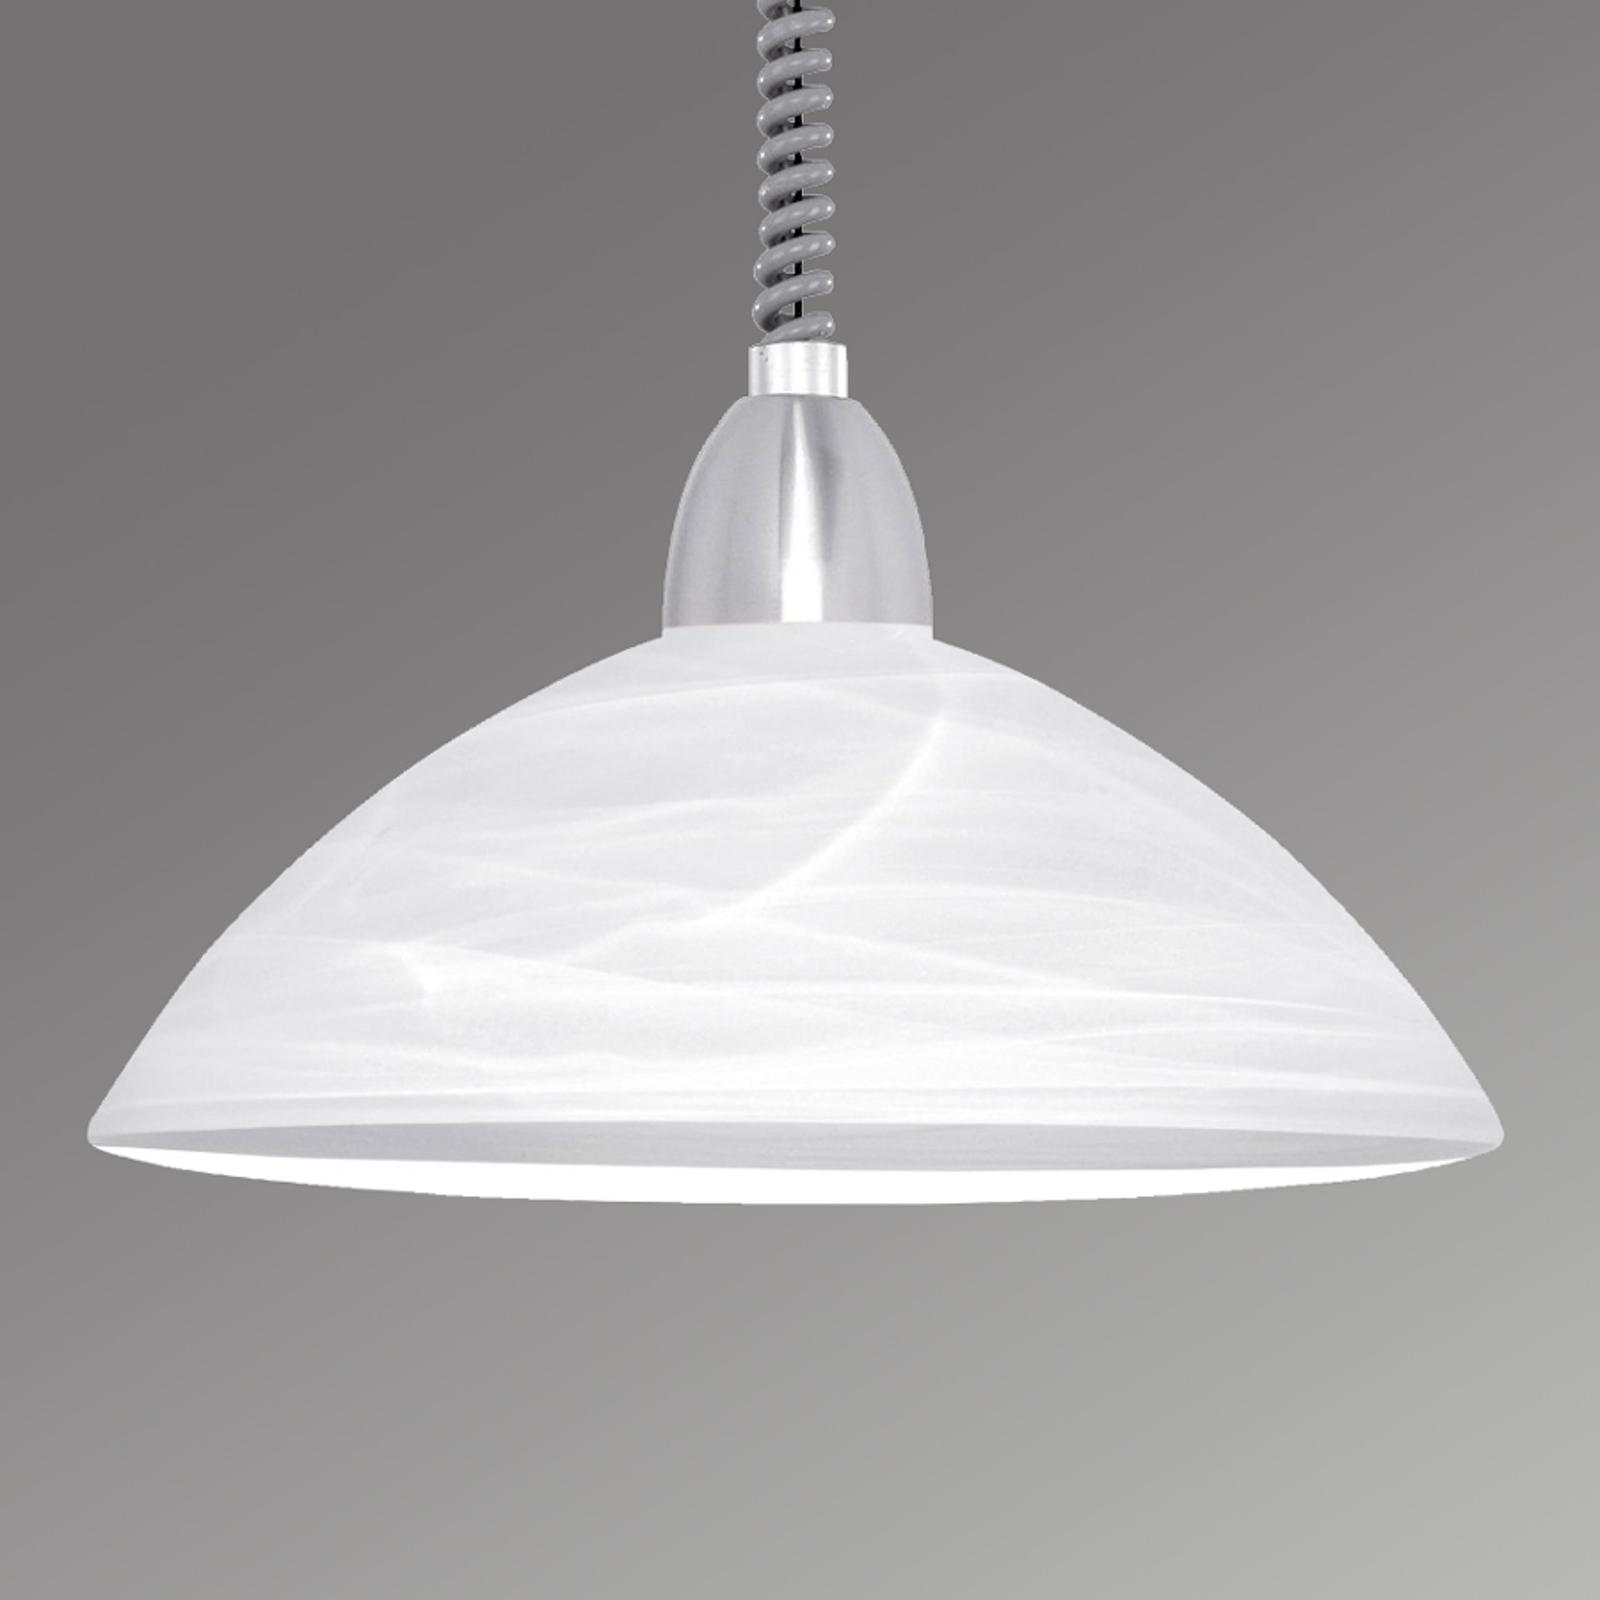 Hanglamp Lara 2 nikkel